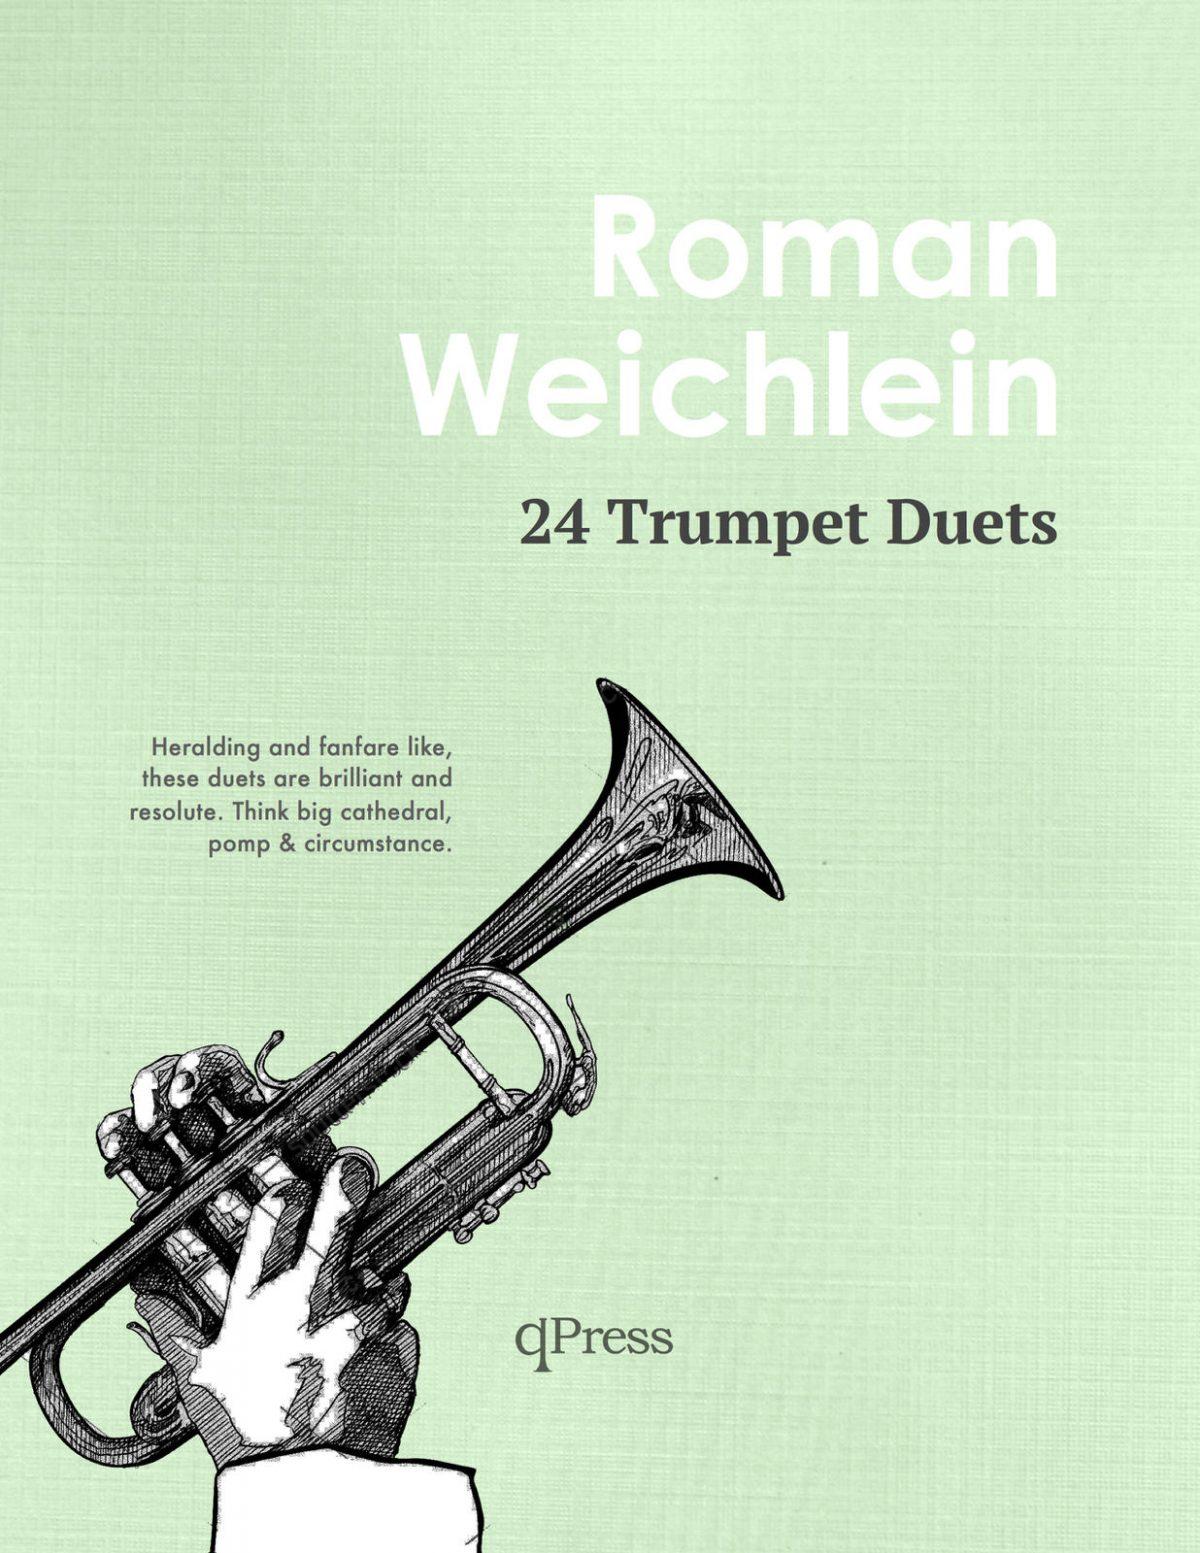 Weichlein, Roman 24 Trumpet Duets